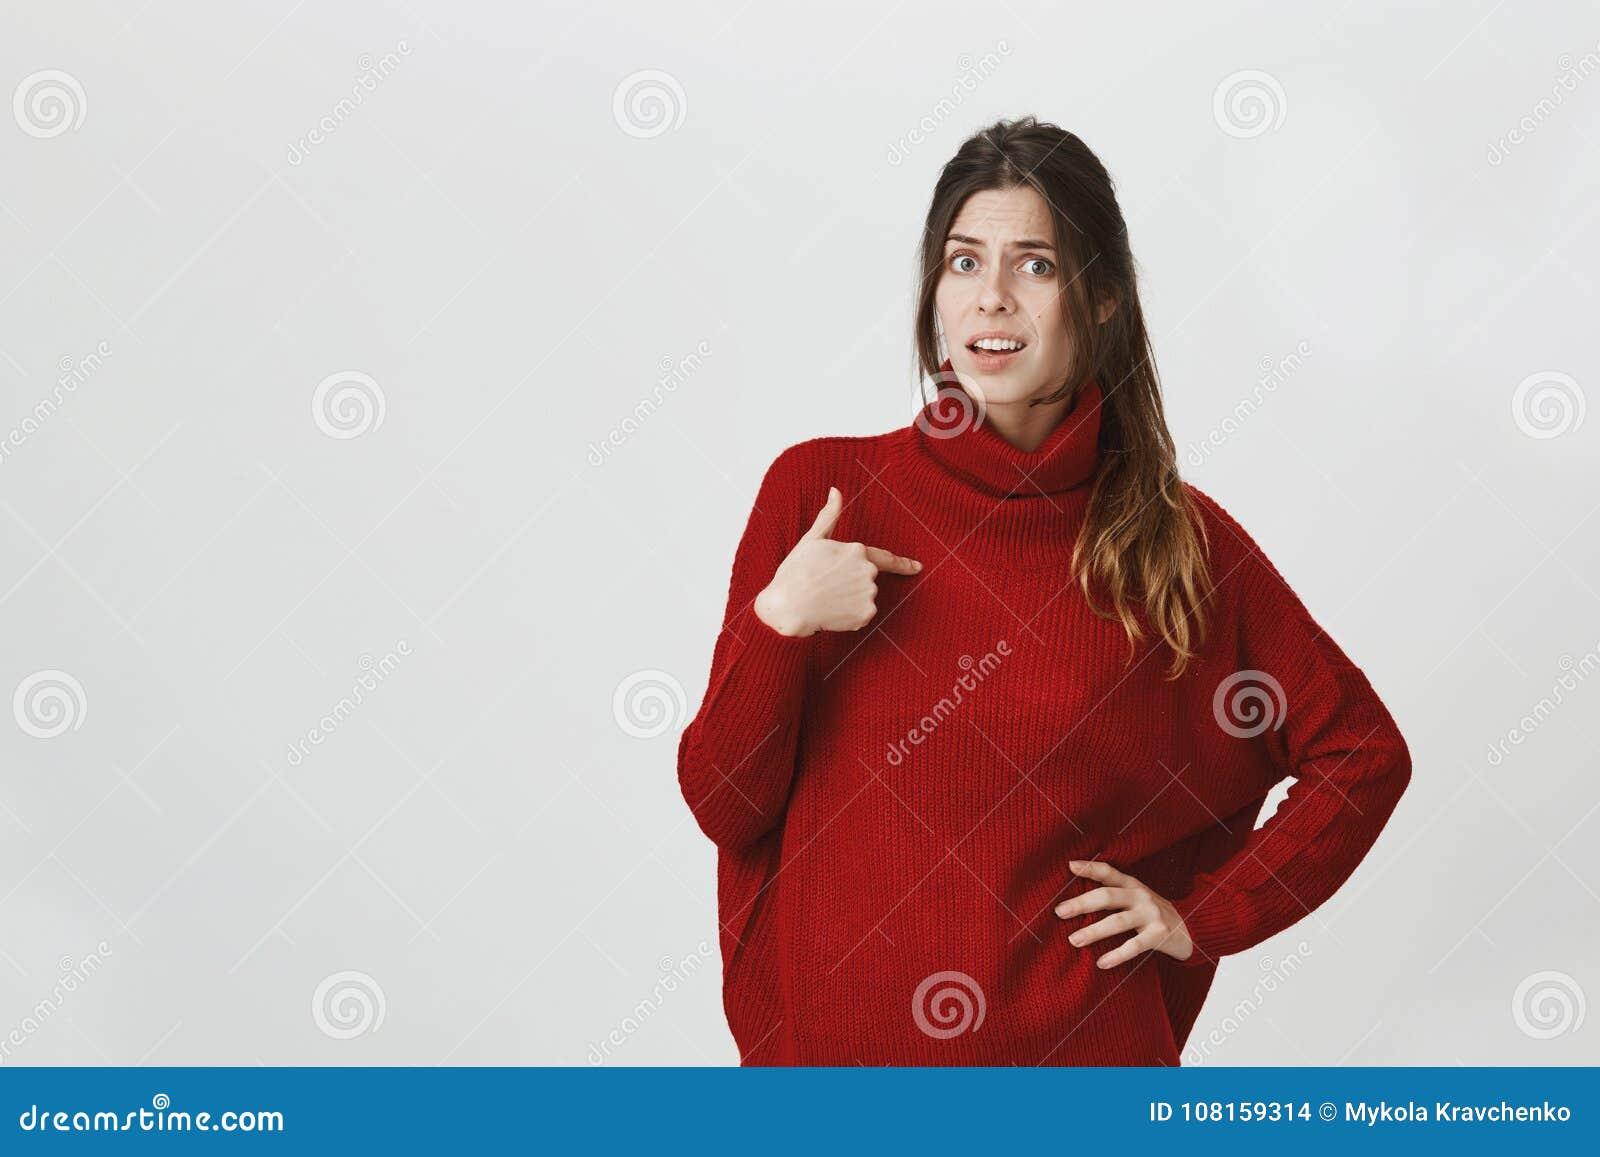 Retrato da menina europeia bonita nova que olha ser acusado confundido em algo, apontando nsi mesma que veste